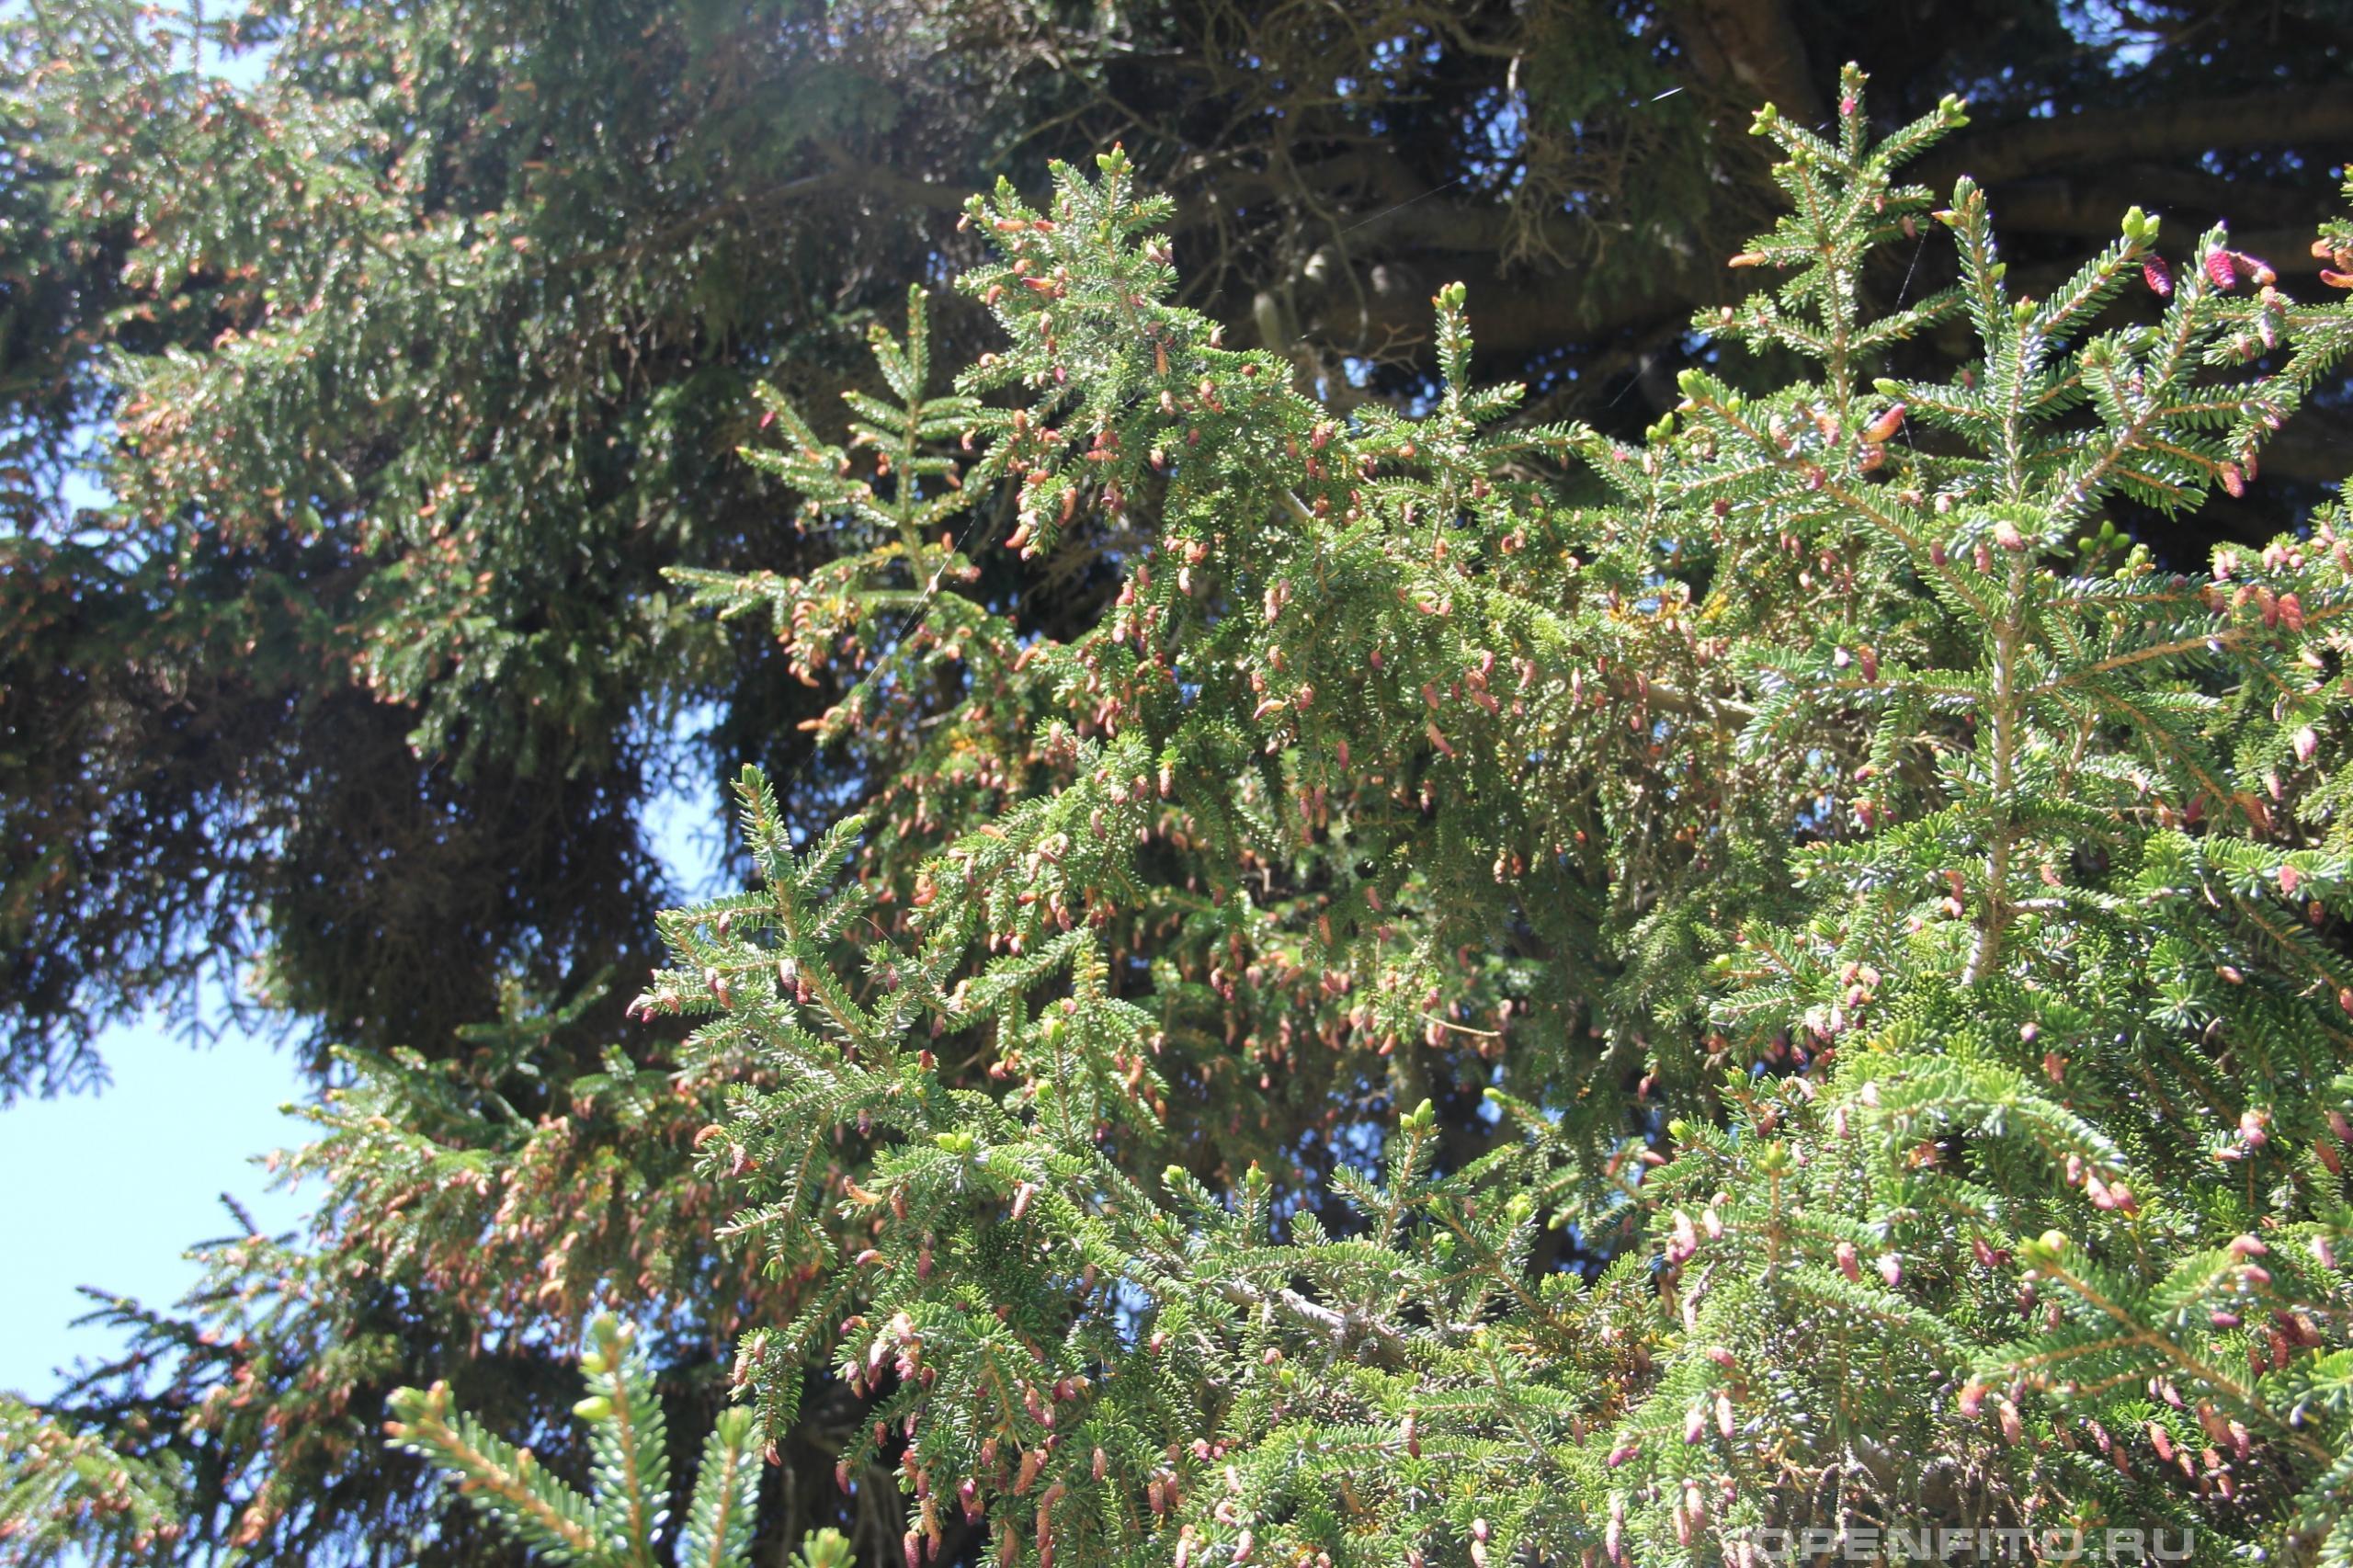 Ель восточная ветка взрослого дерева